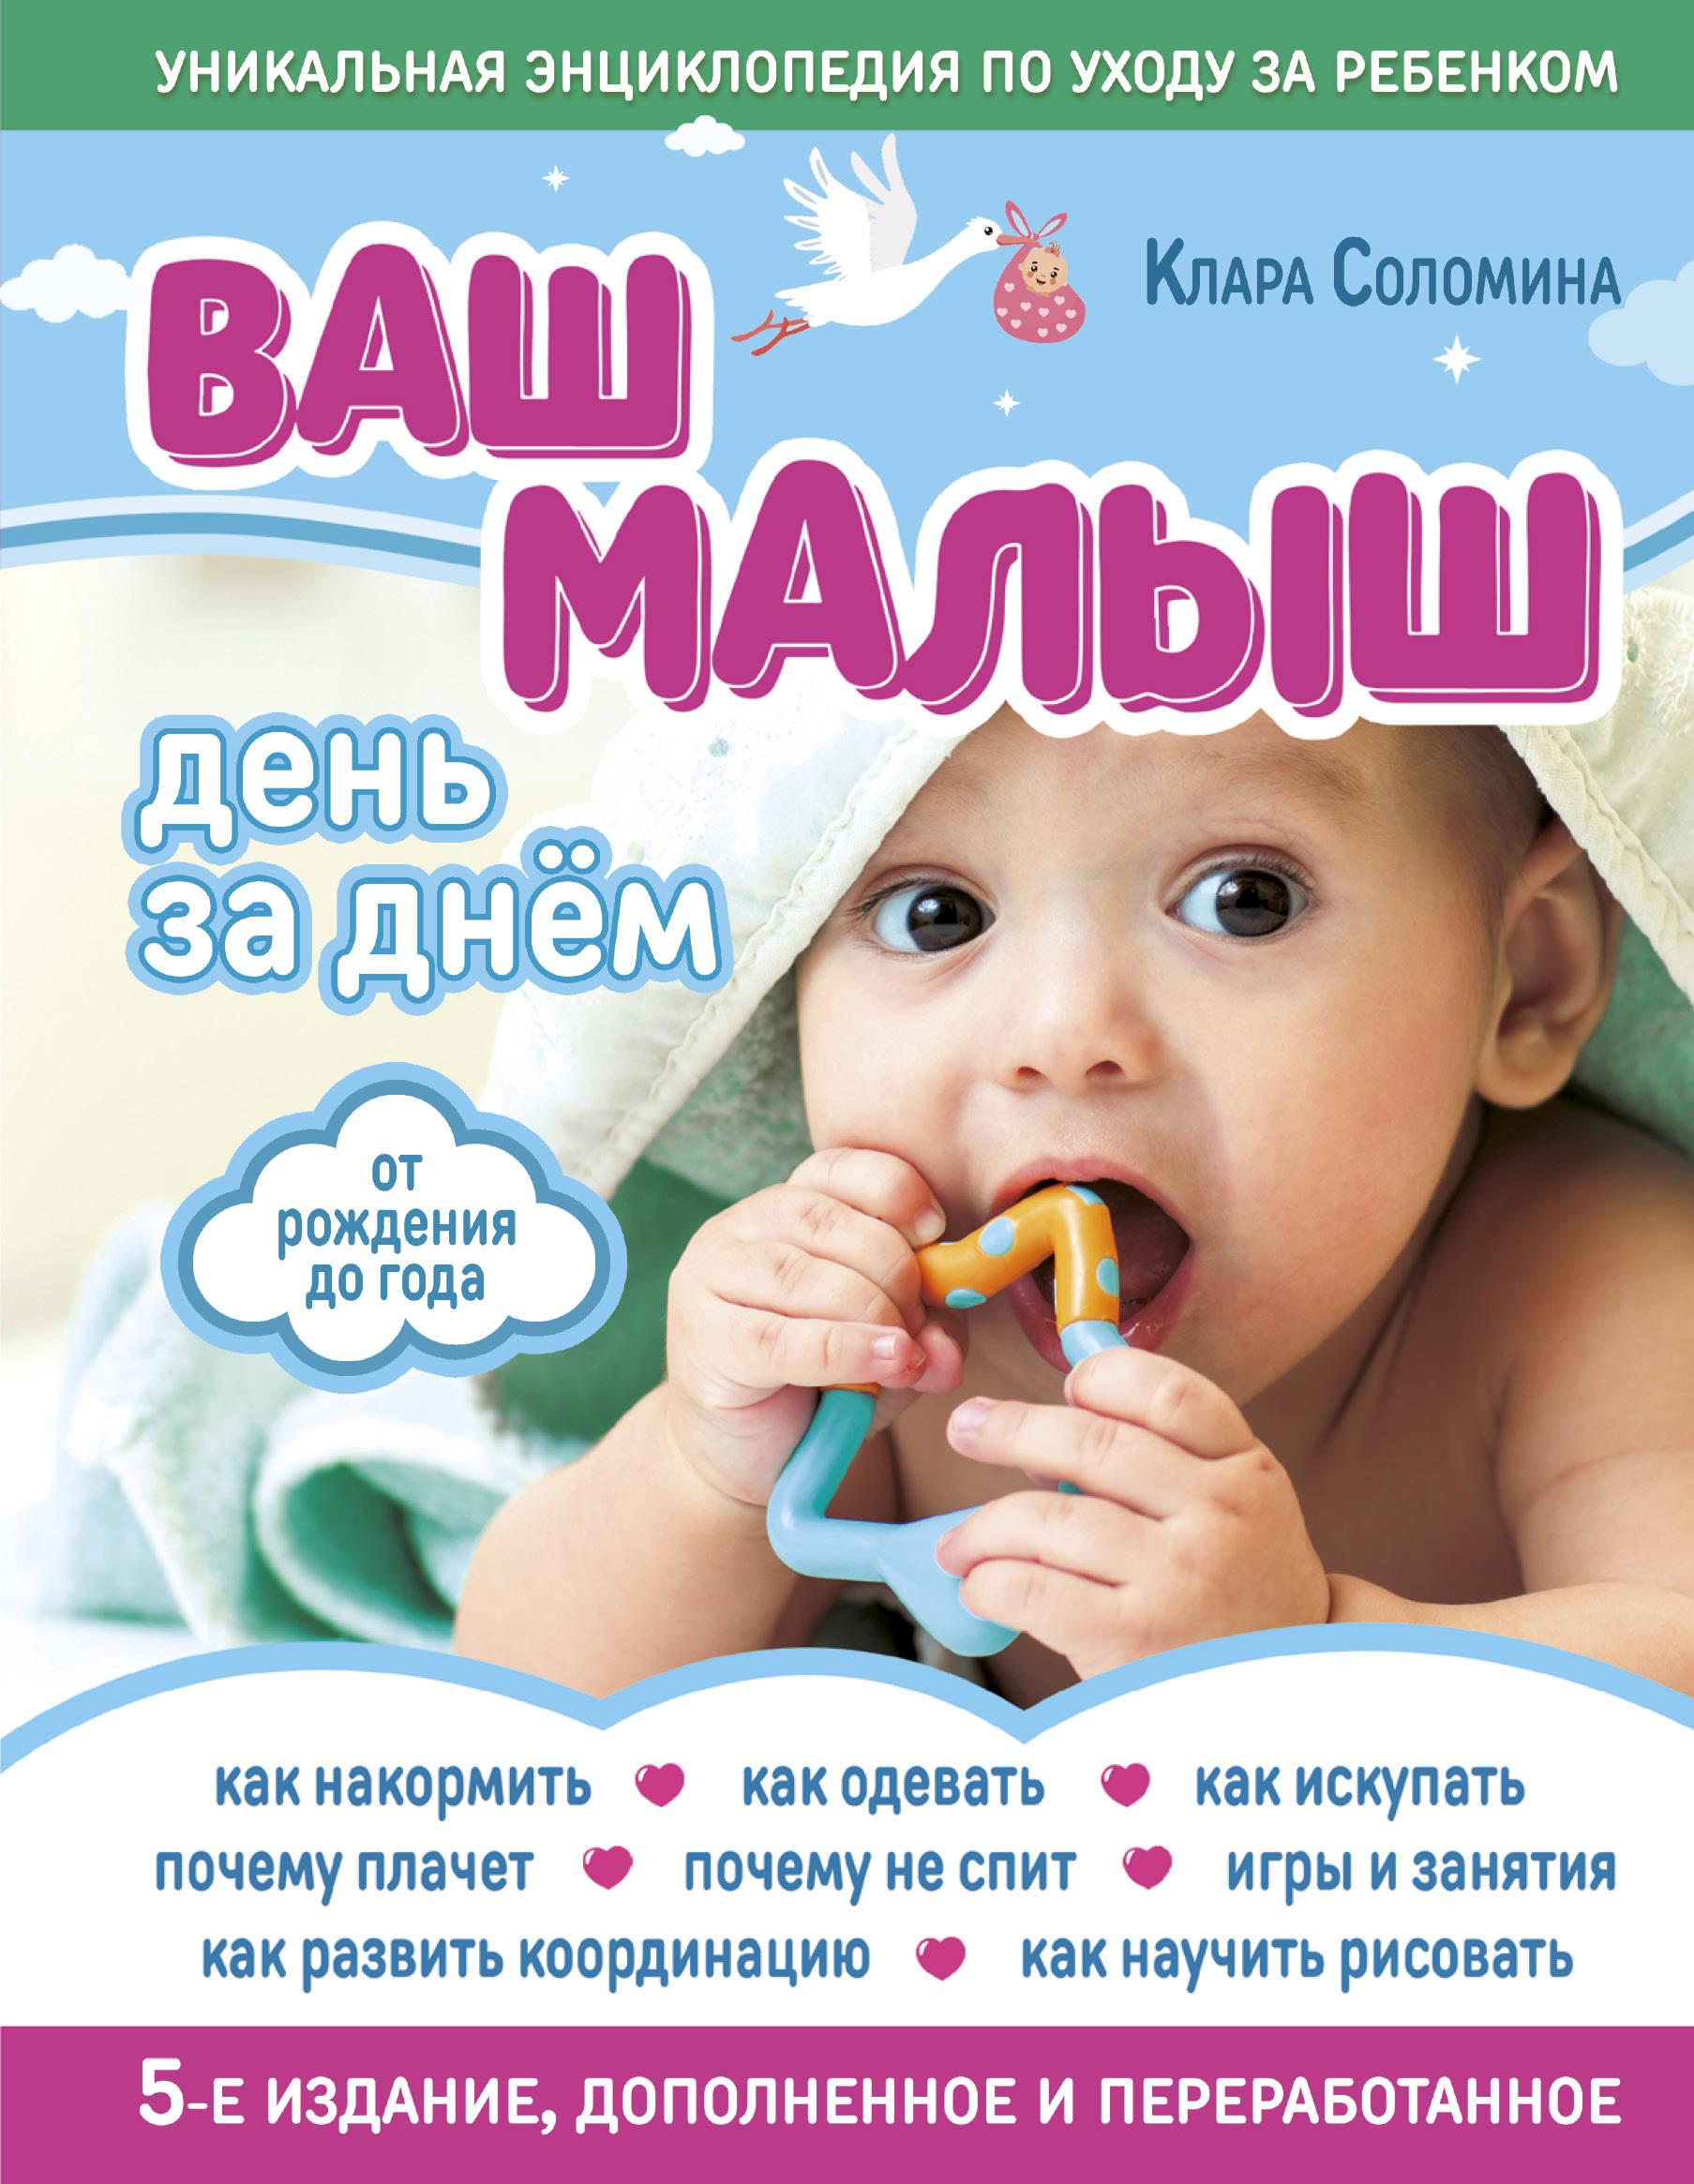 Соломина К. Ваш малыш день за днем: от рождения до года 5-е издание, дополненное и переработанное ваш малыш день за днем от рождения до года